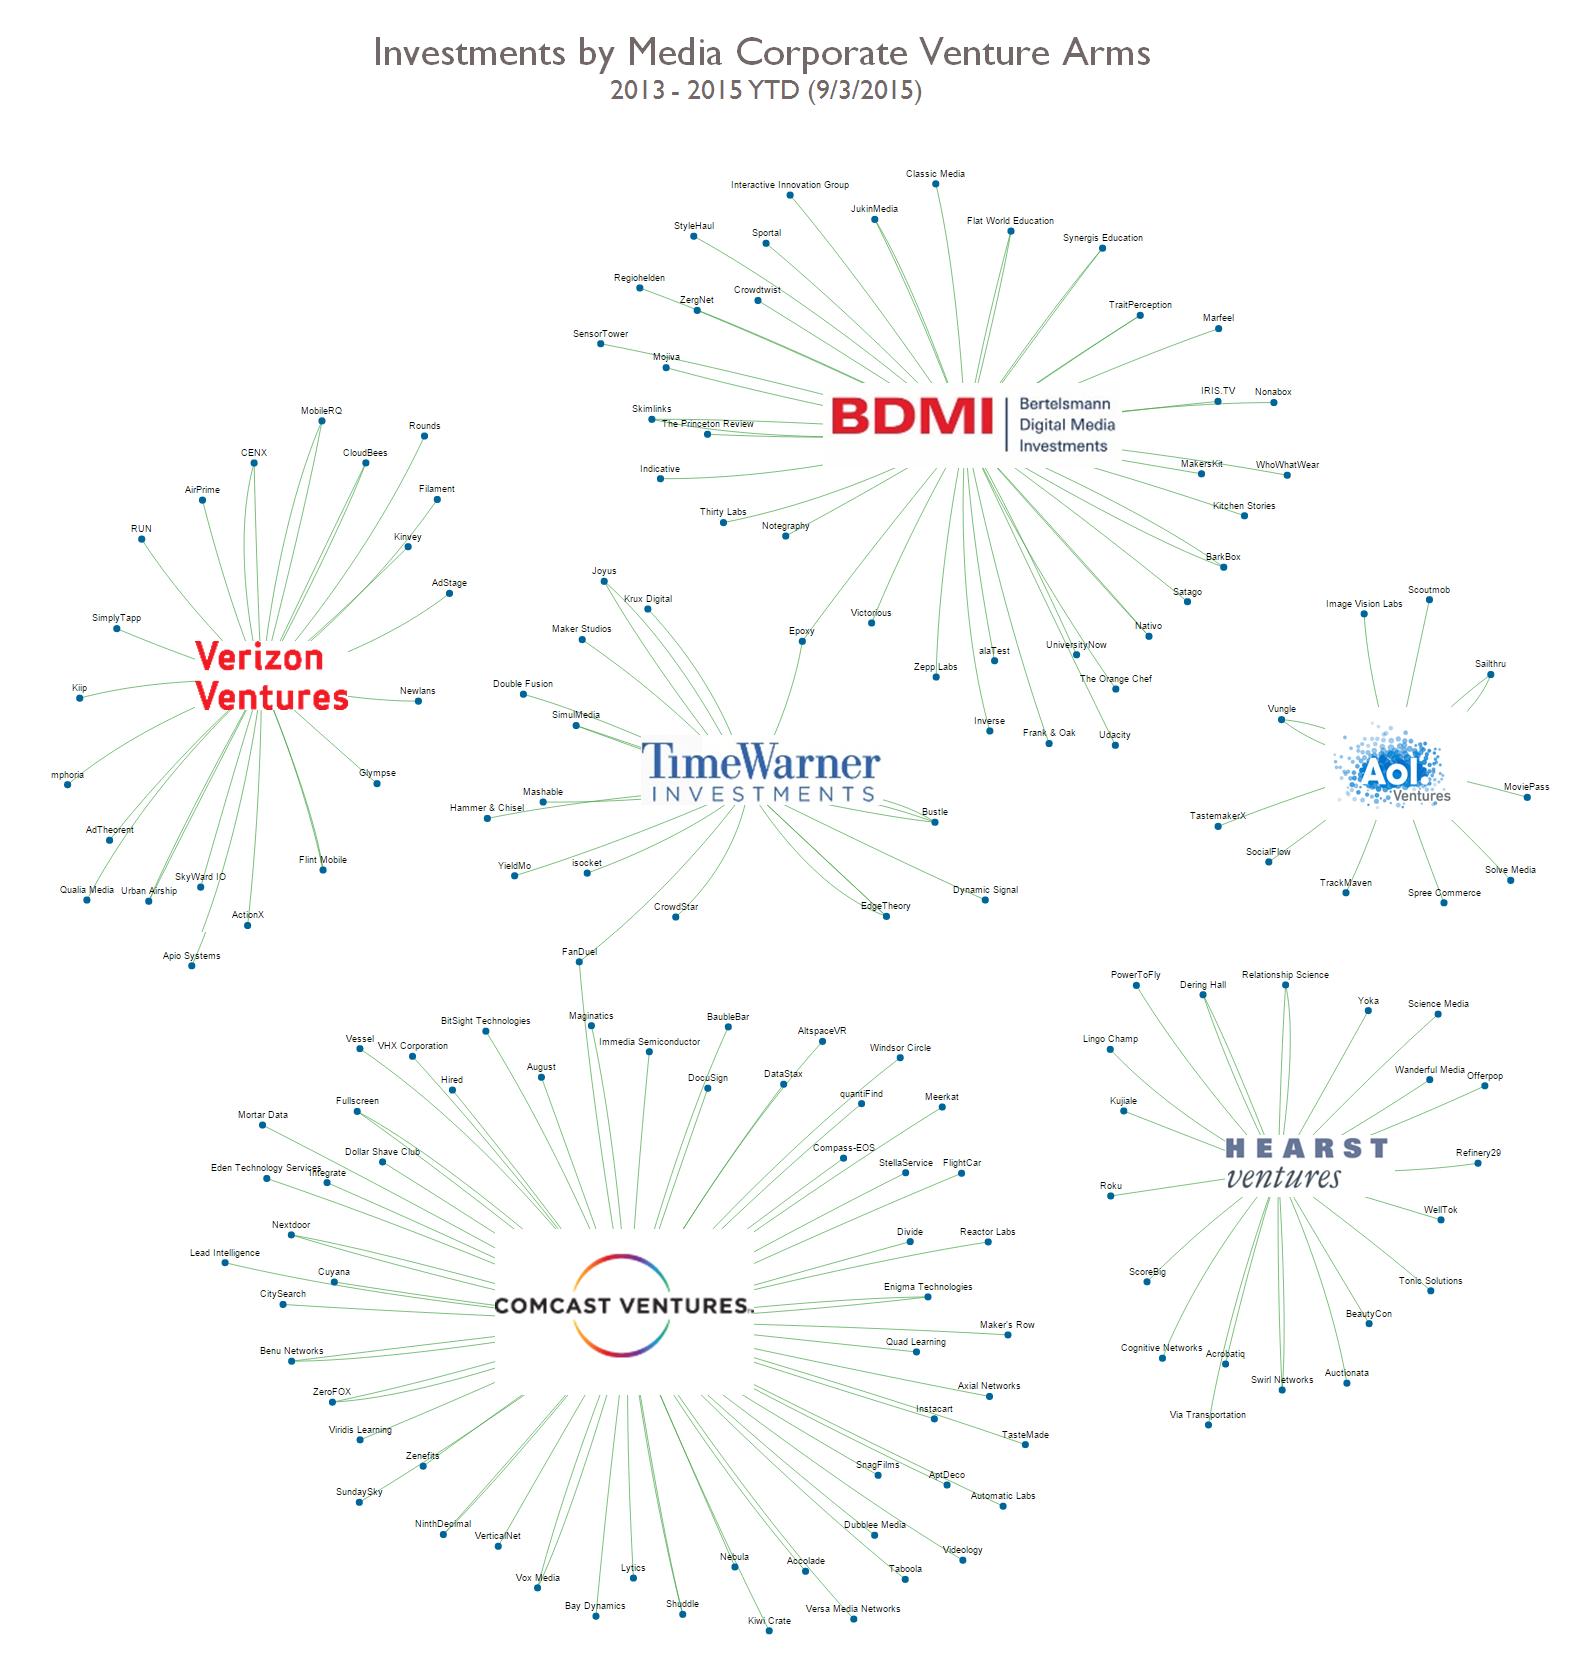 Corporate Venture Arms Media